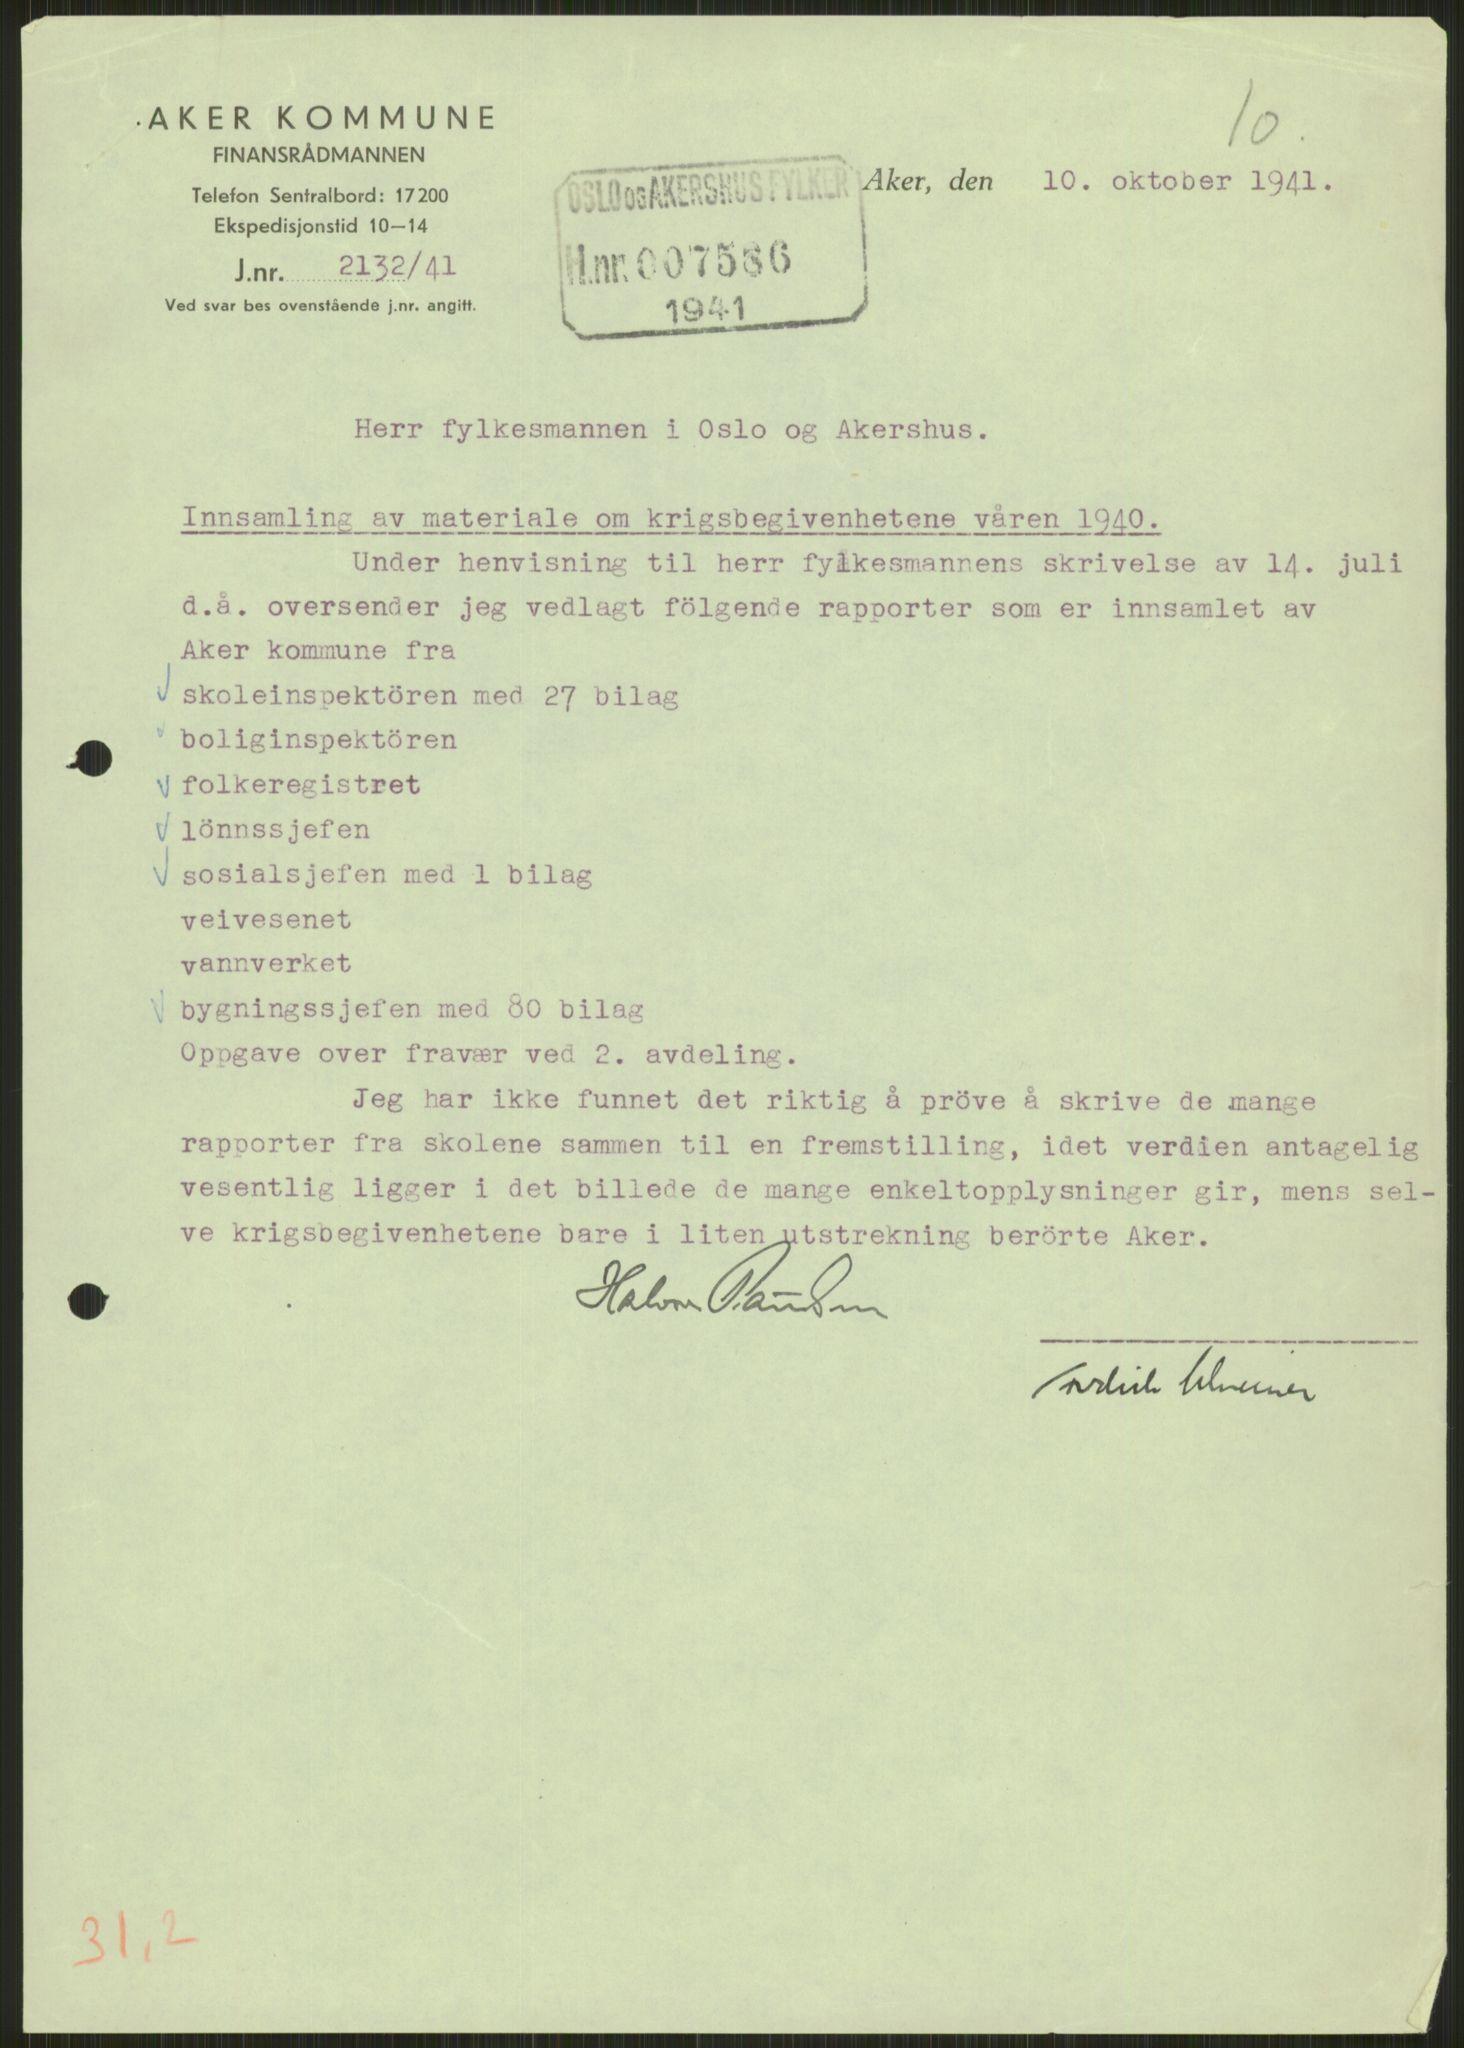 RA, Forsvaret, Forsvarets krigshistoriske avdeling, Y/Ya/L0013: II-C-11-31 - Fylkesmenn.  Rapporter om krigsbegivenhetene 1940., 1940, s. 218